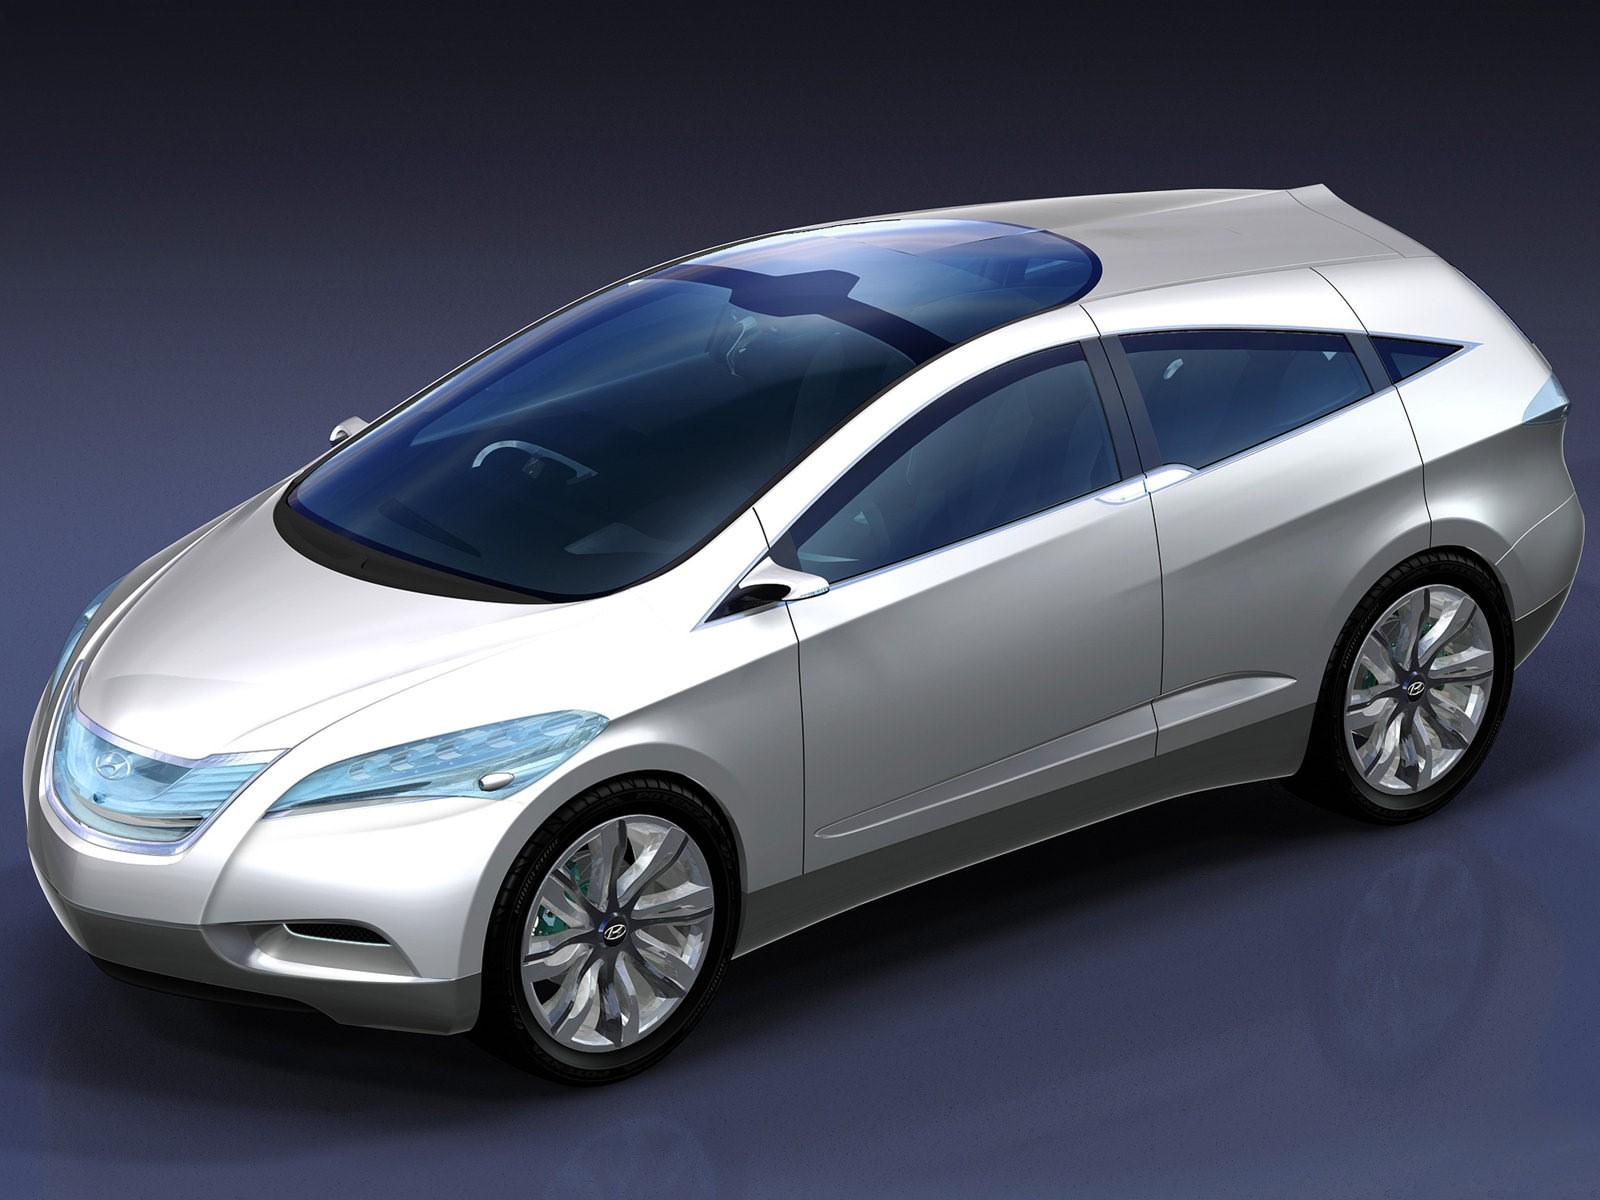 2007 Hyundai i-blue Concept